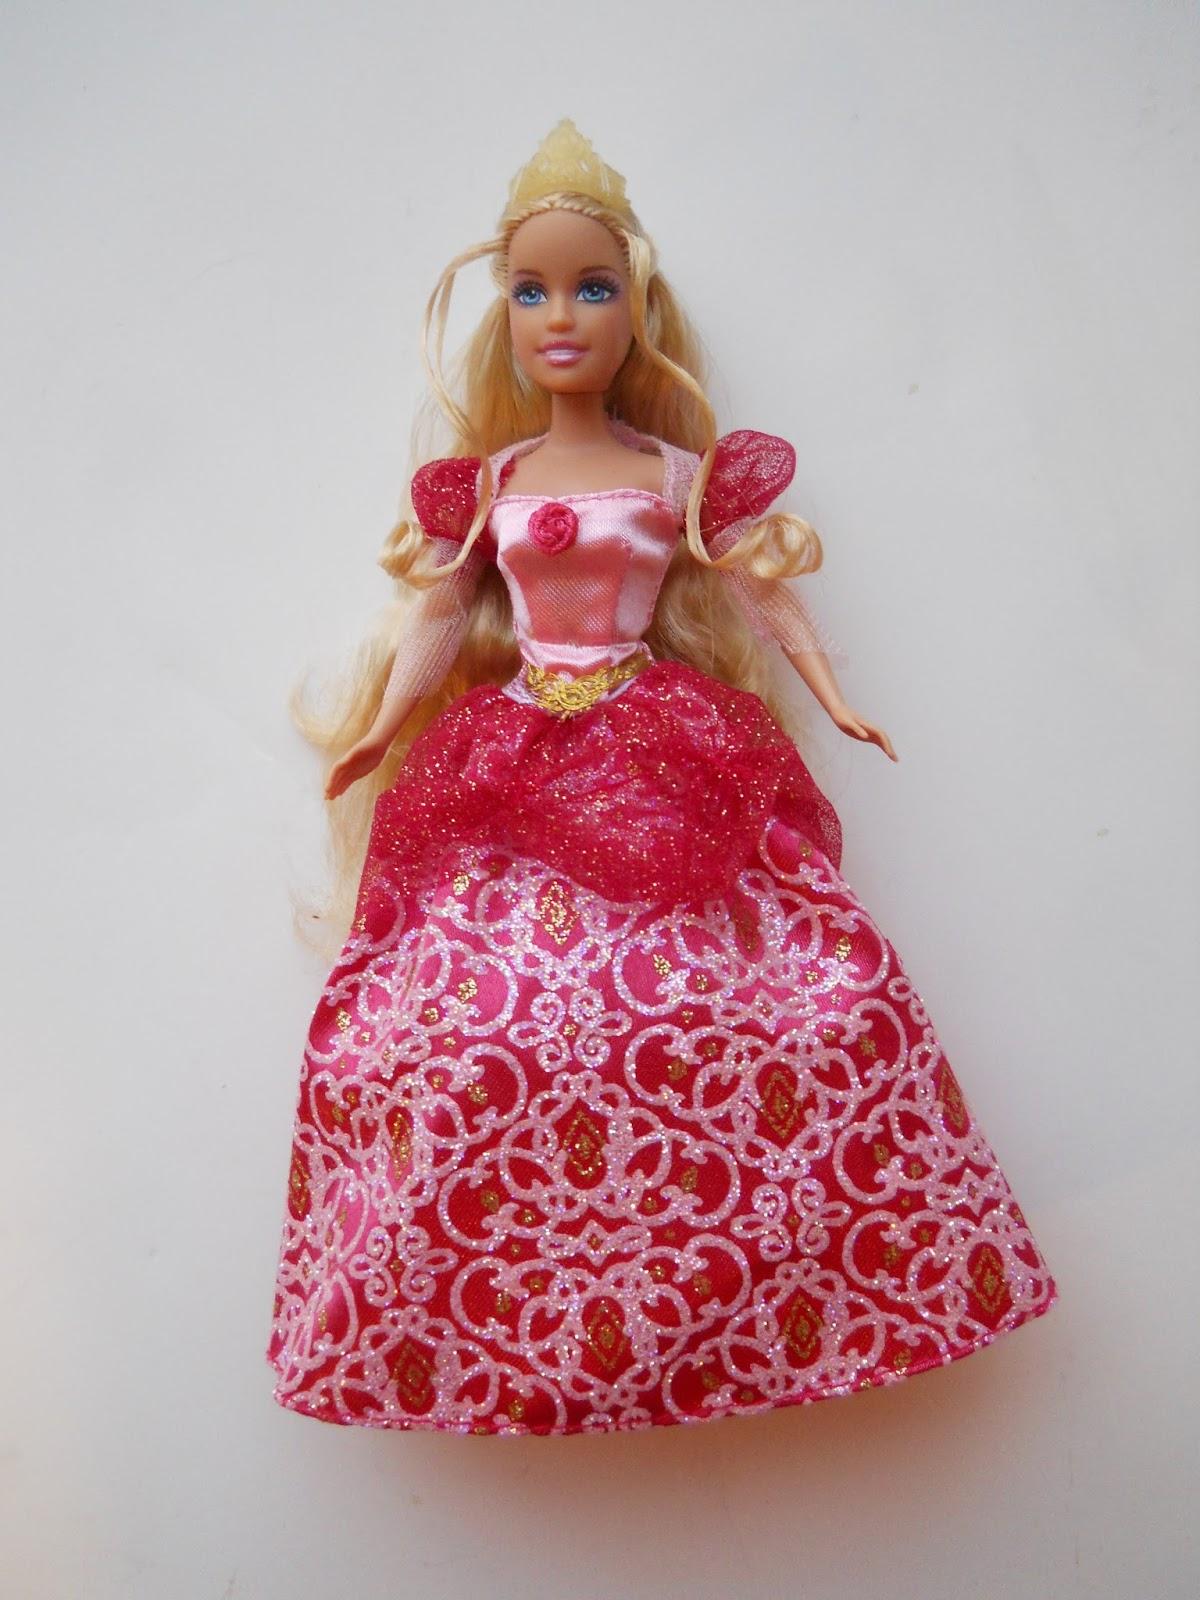 barbie mini kingdom doll identification guide l8537 barbie mini